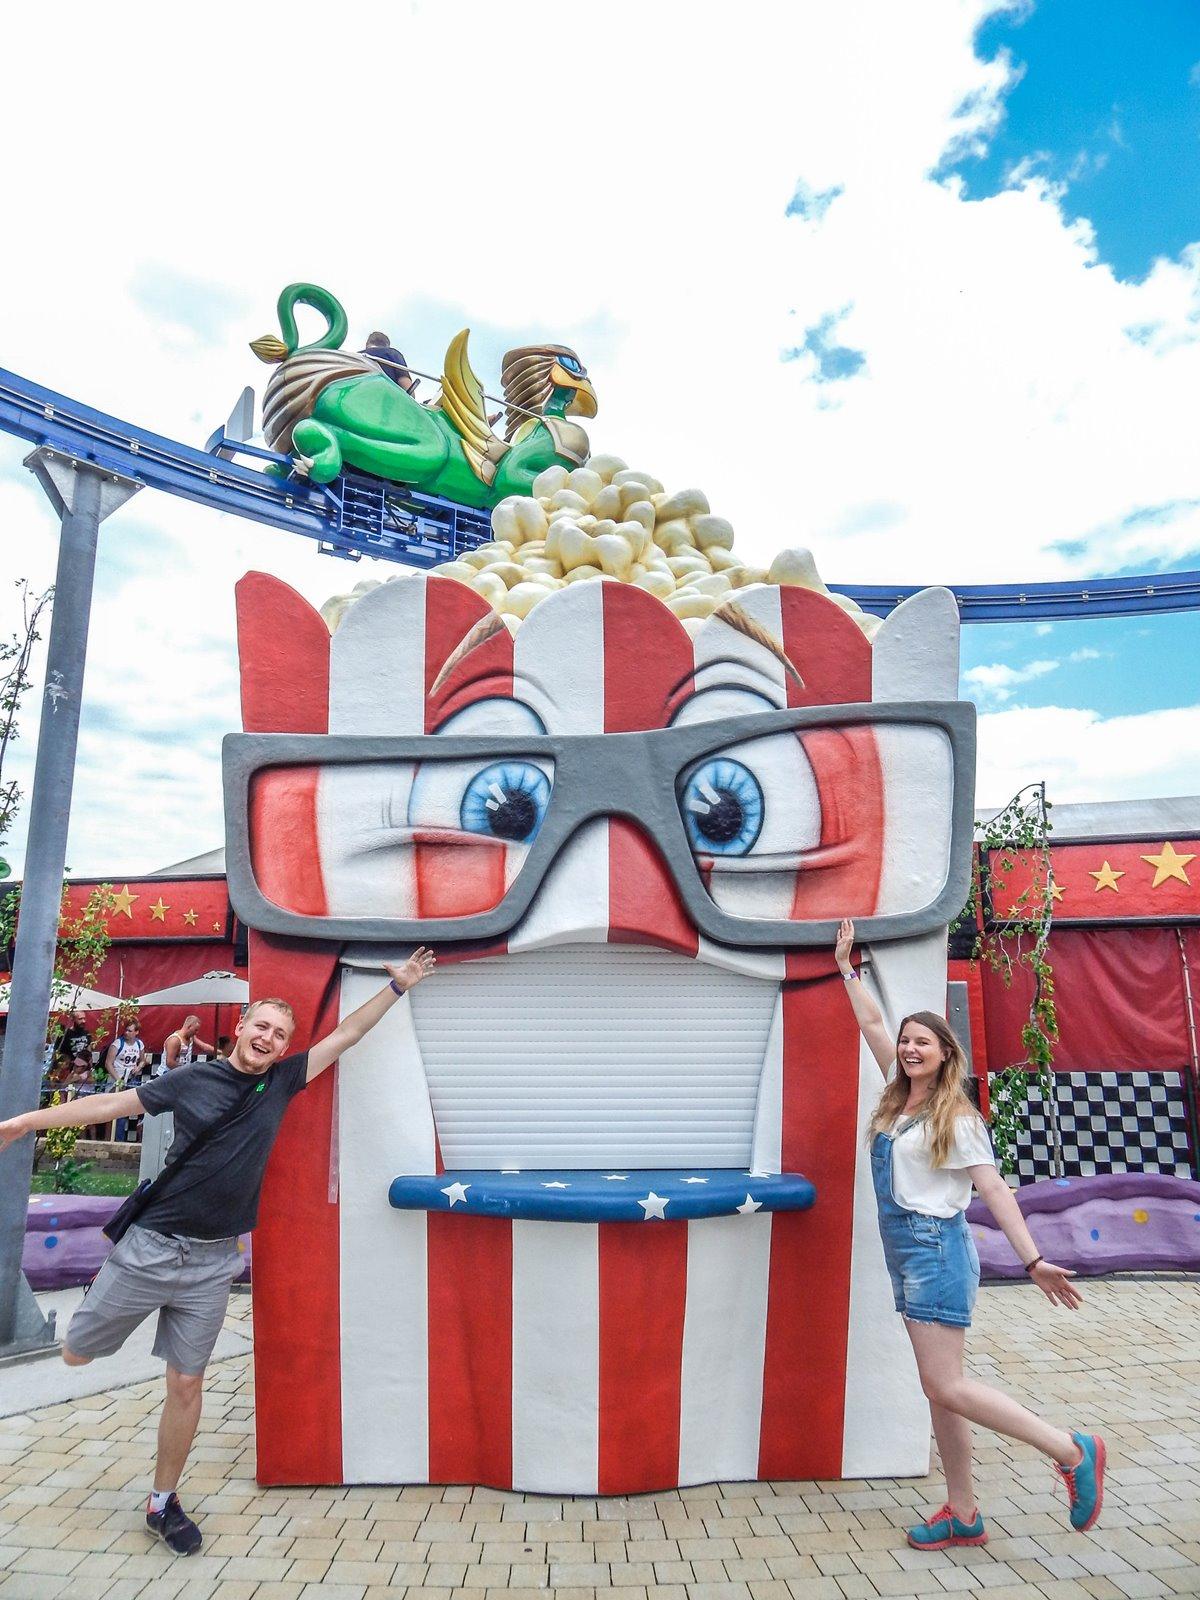 8 enerylandia atrakcje dla rodzin dla dzieci dla starszych czy warto ile kosztuje bilet jak dojechać recenzja opinie strach boję się roller coaster karuzele strefa wodna speed water coster pokazy lista